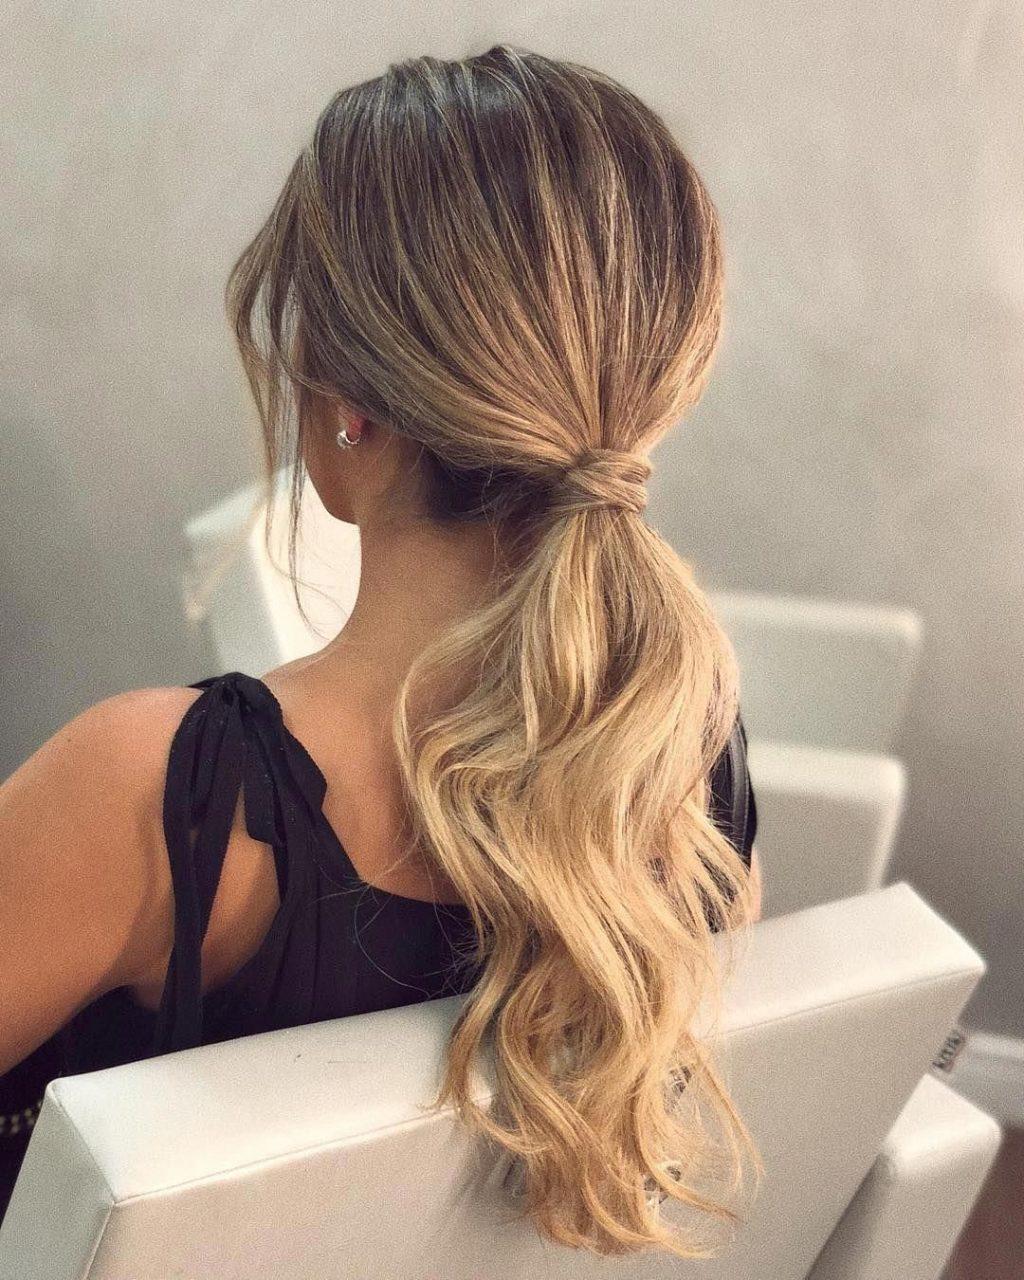 tóc đuôi ngựa mùa hè 16